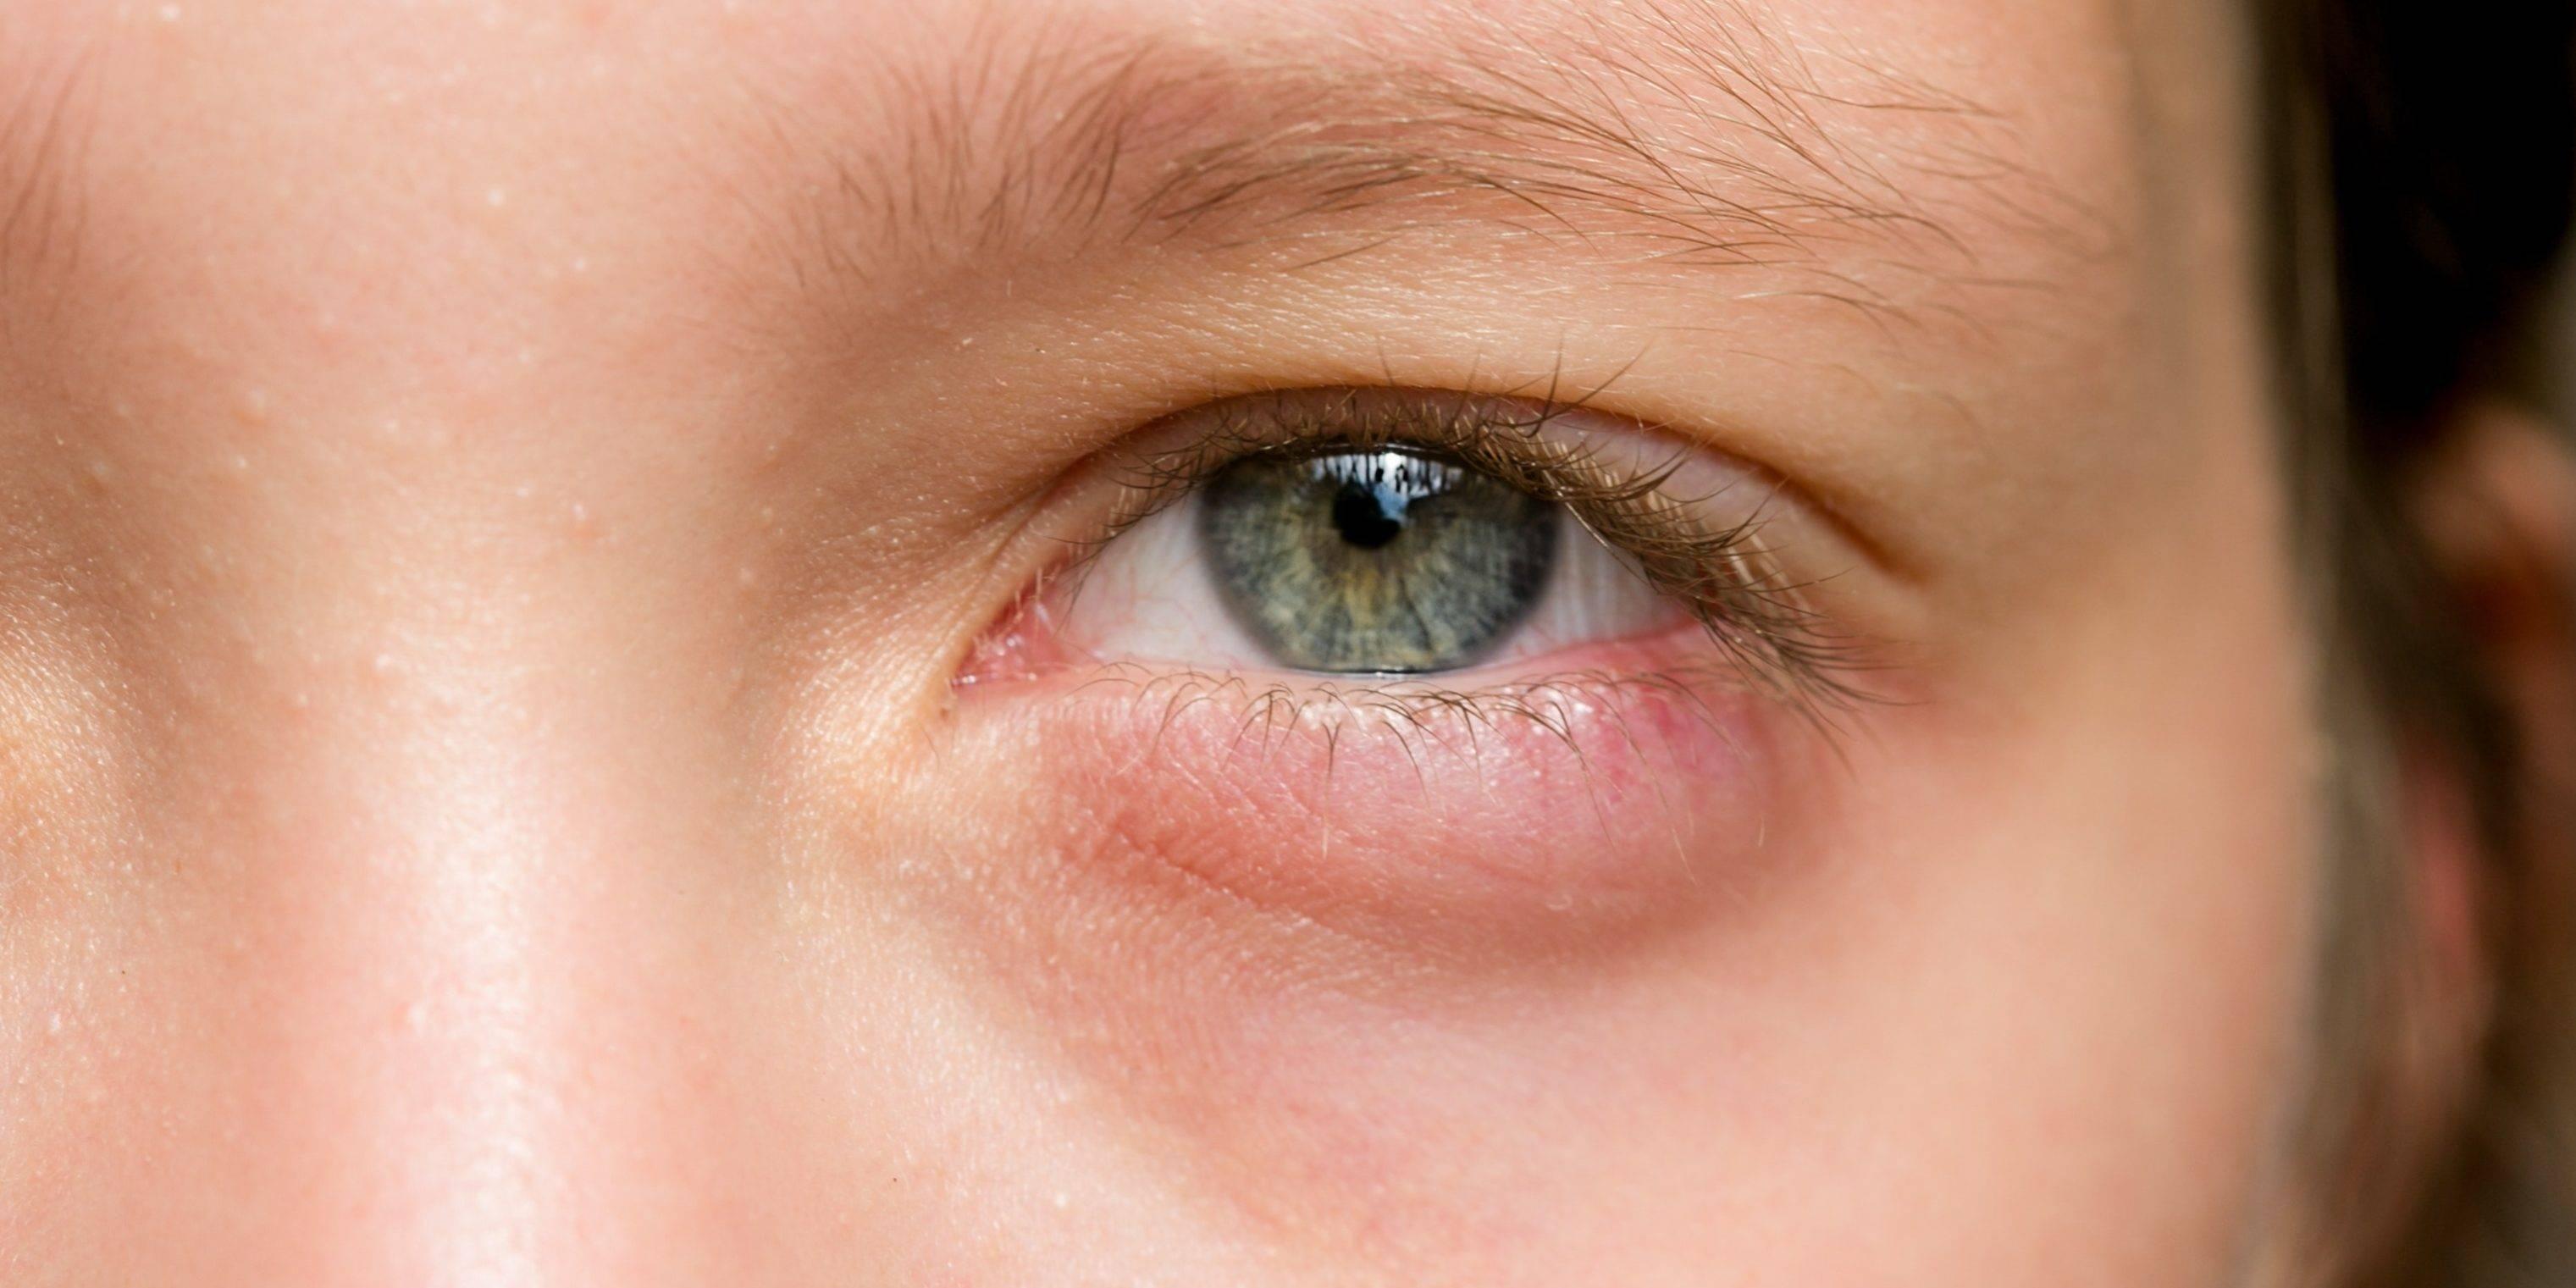 """Шишка на веке глаза: виды, причины, лечение - """"здоровое око"""""""